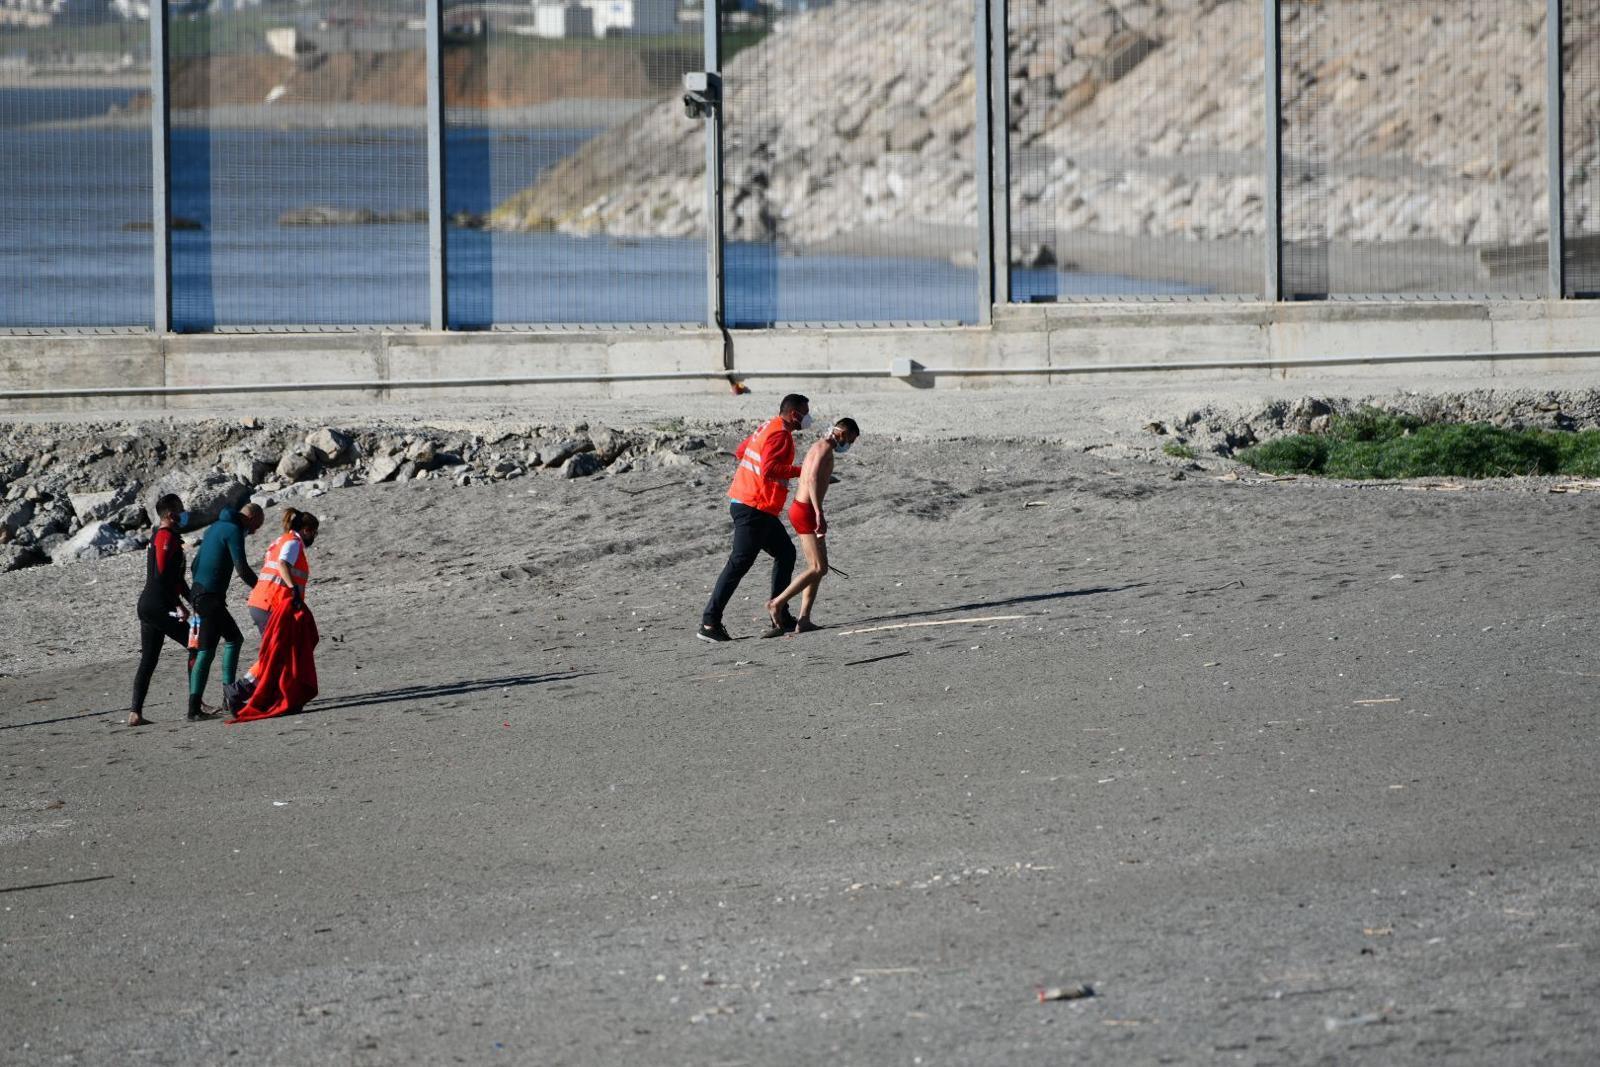 وصول 145 شخصاً إلى سبتة ووزيرة الخارجية الإسبانية تعتبرها ضغطاً من الرباط